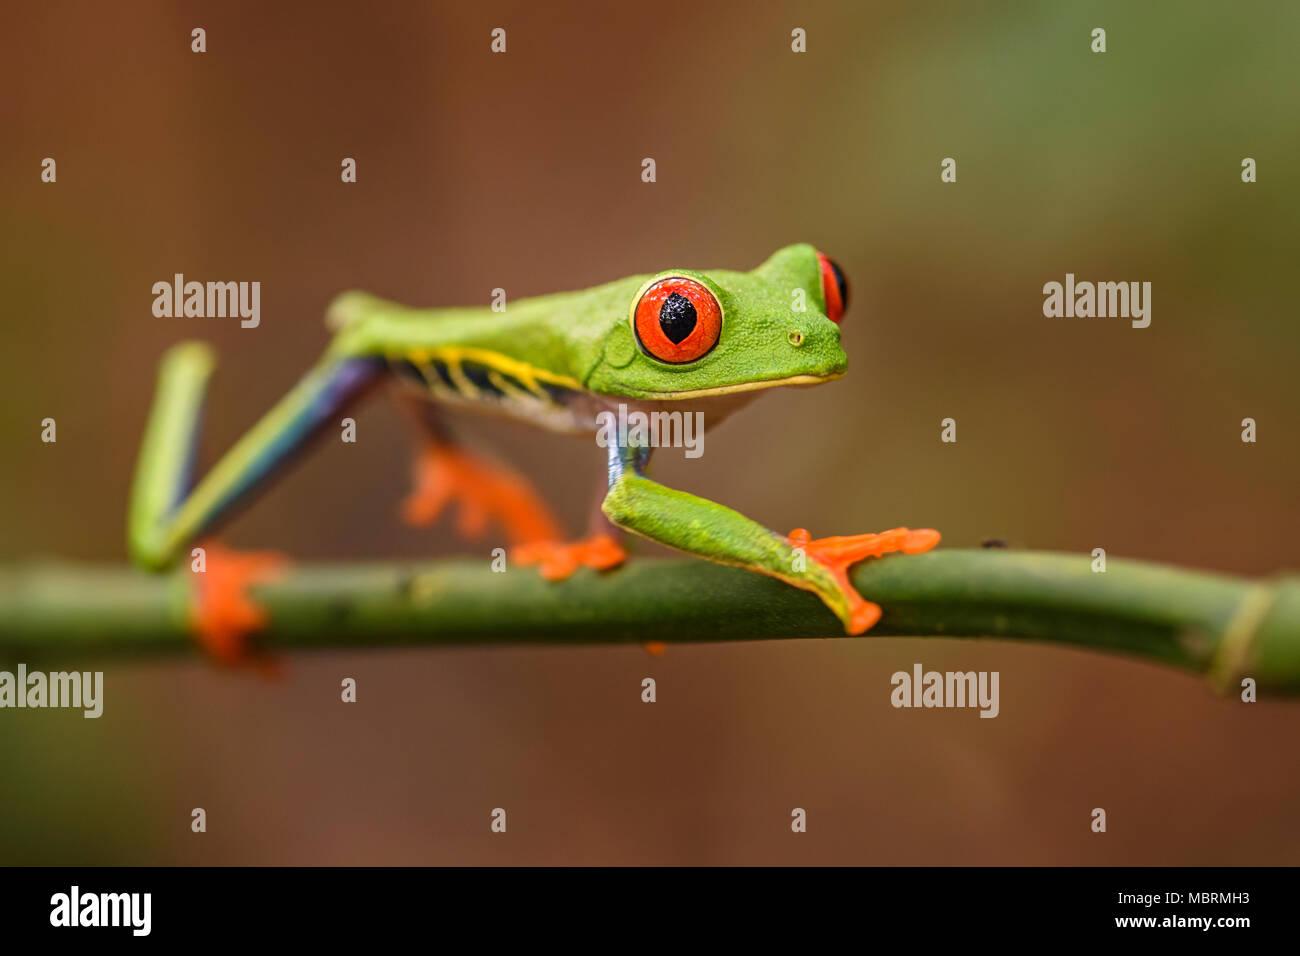 La rana arborícola de Ojos rojos -Agalychnis callidryas, hermoso colorido de famosos a los bosques de América Central, Costa Rica. Foto de stock